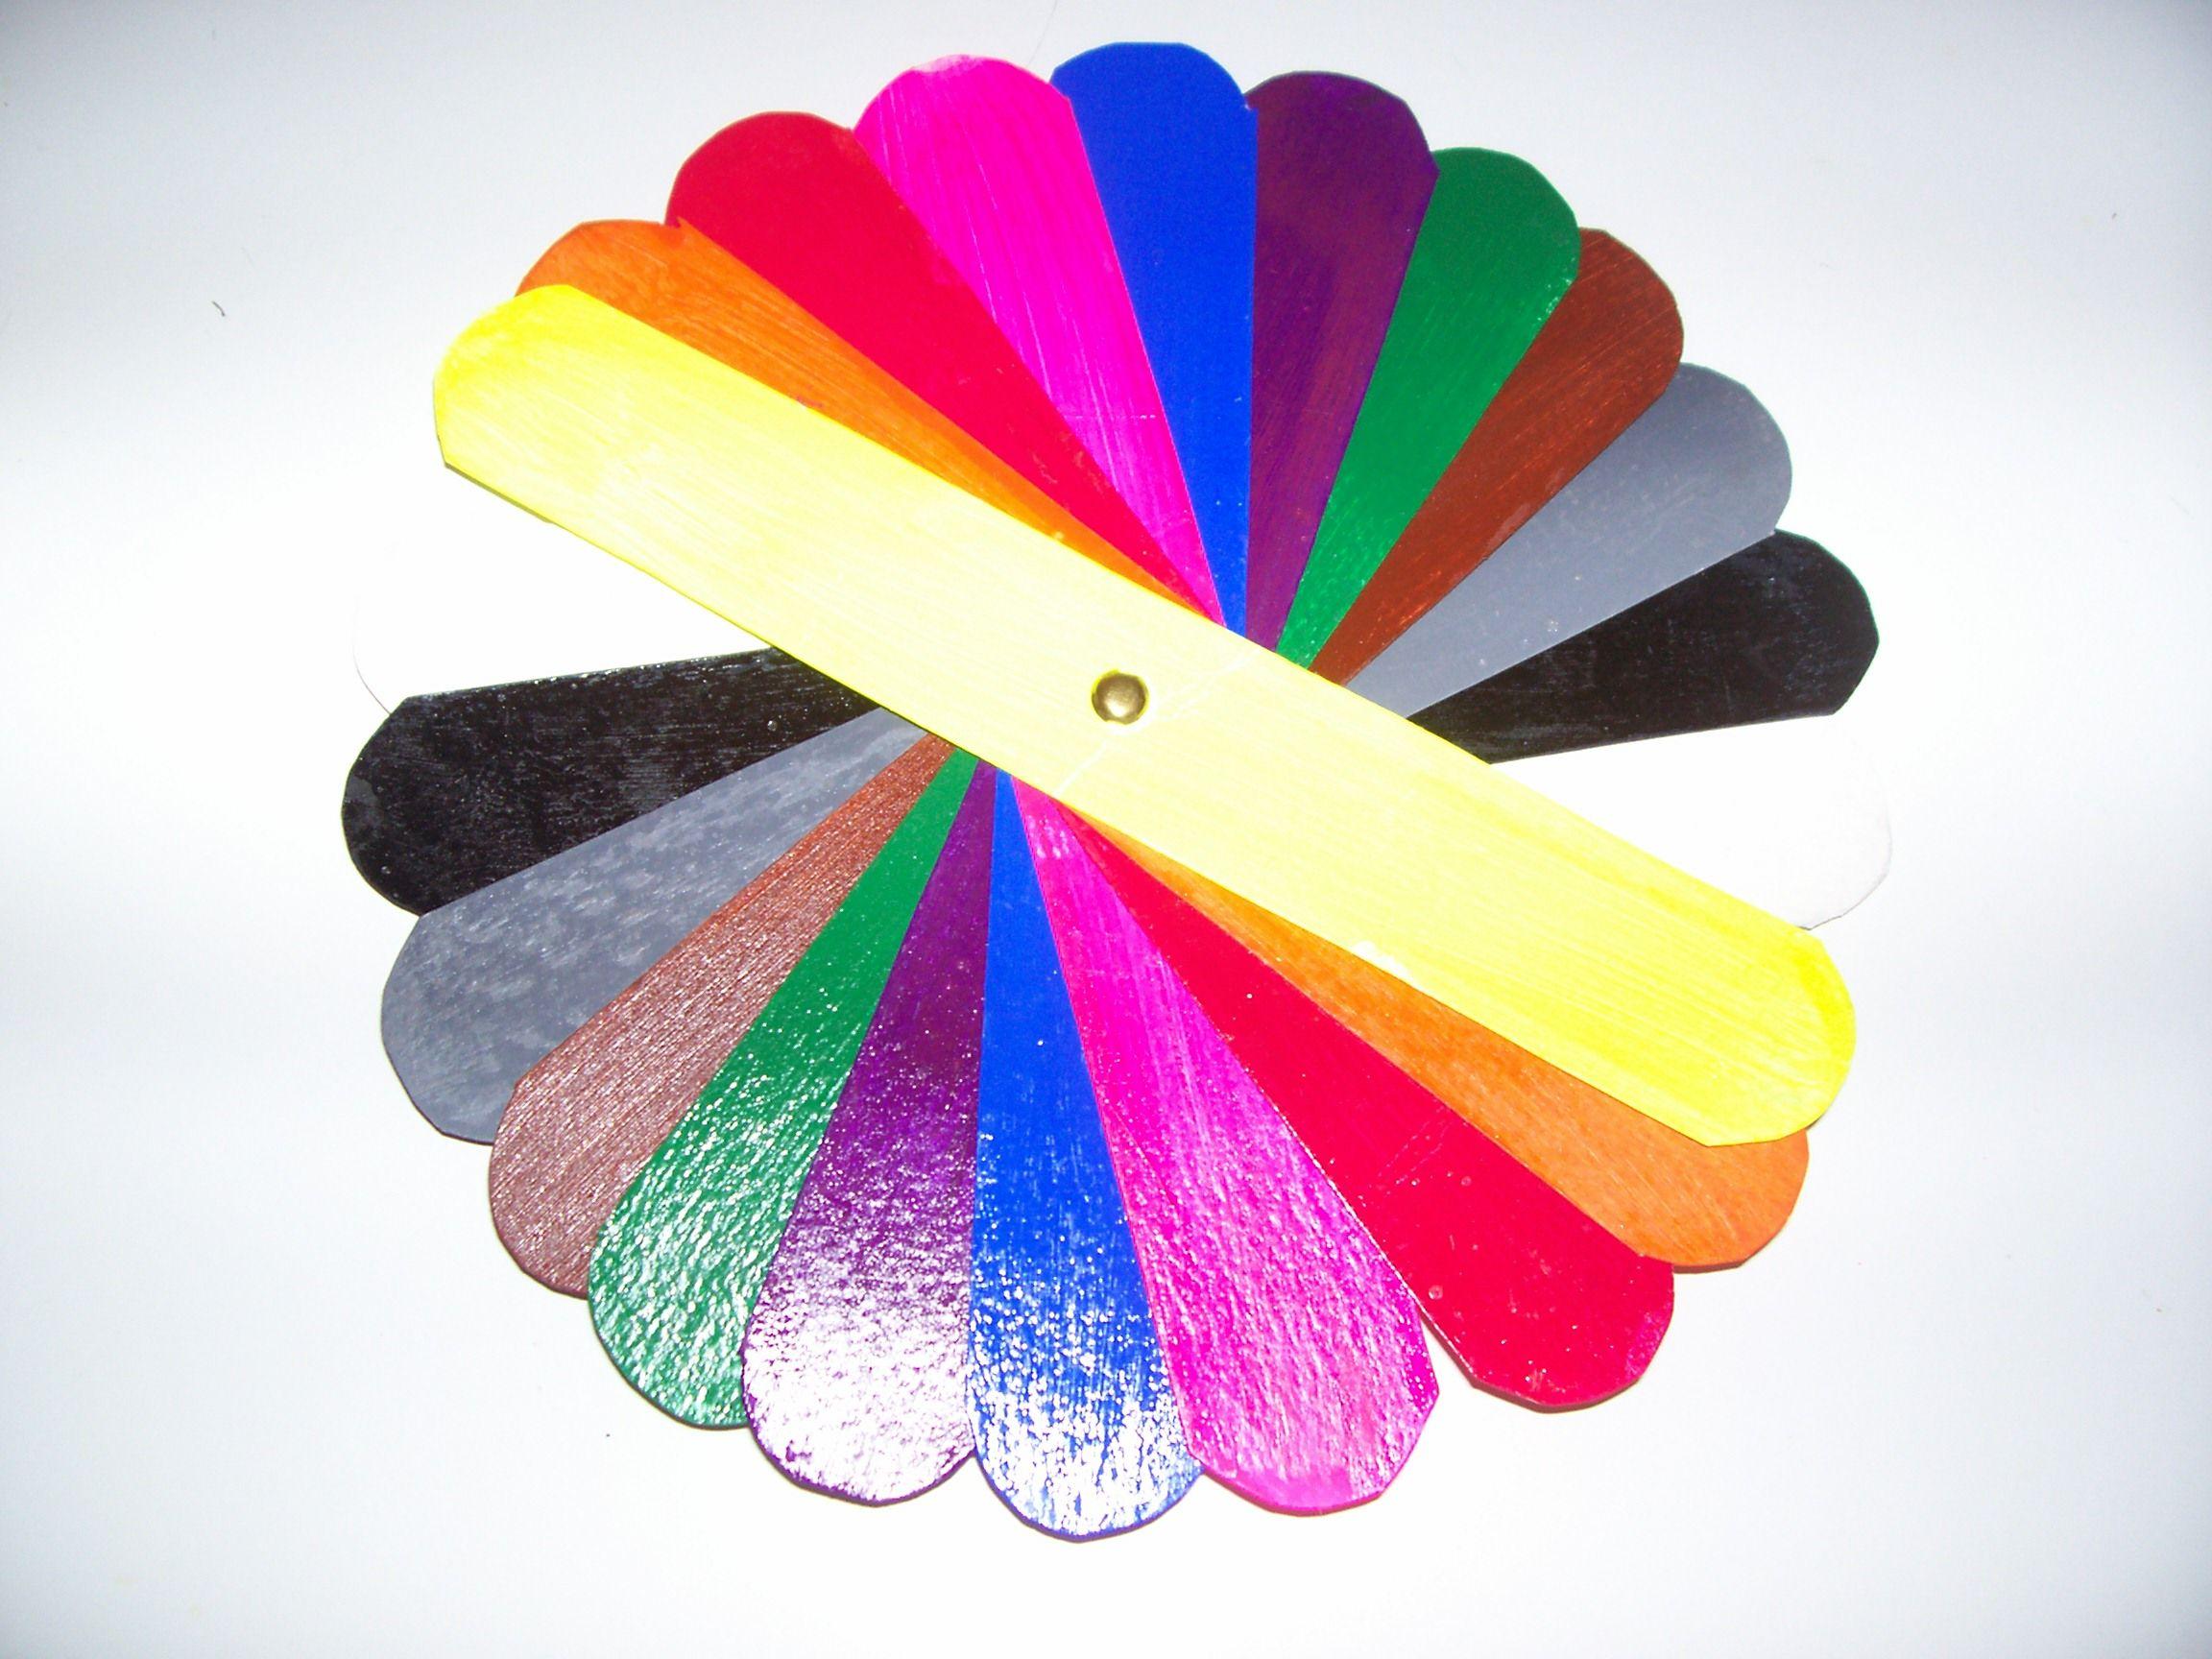 La roue des couleurs - Roue chromatique des couleurs ...